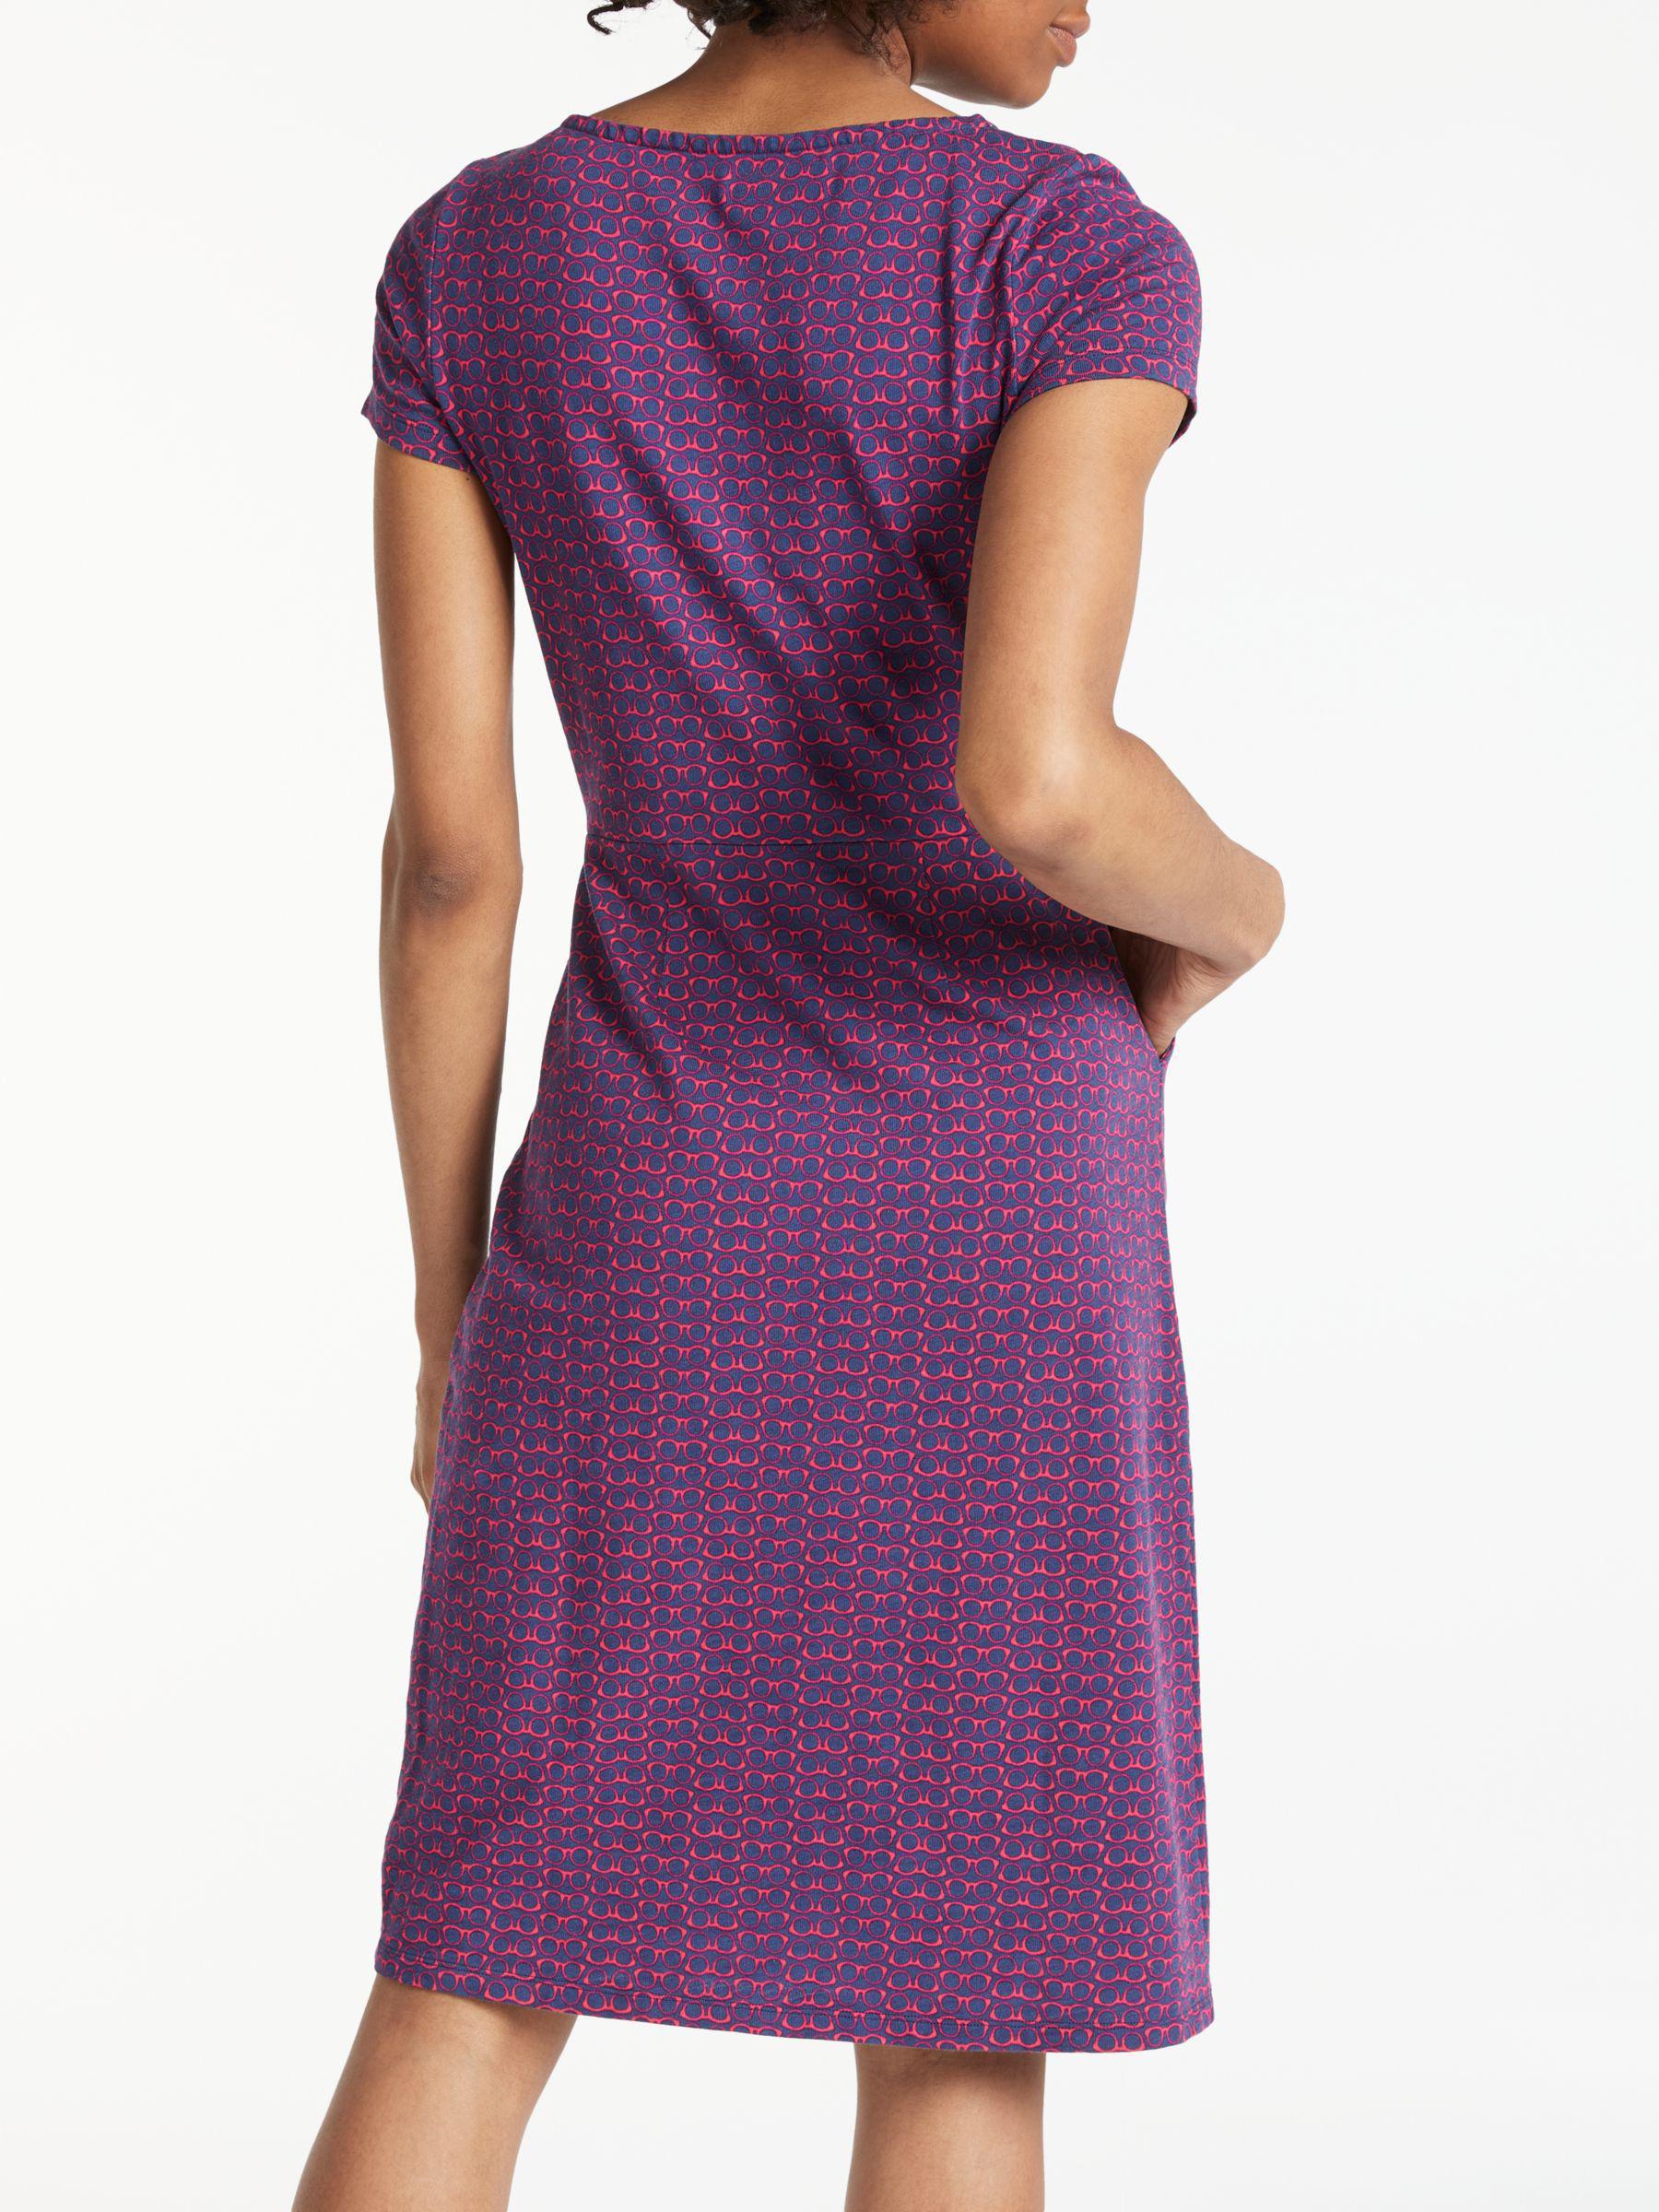 b9a37bfa300a0 Boden Phoebe Jersey Dress in Purple - Lyst